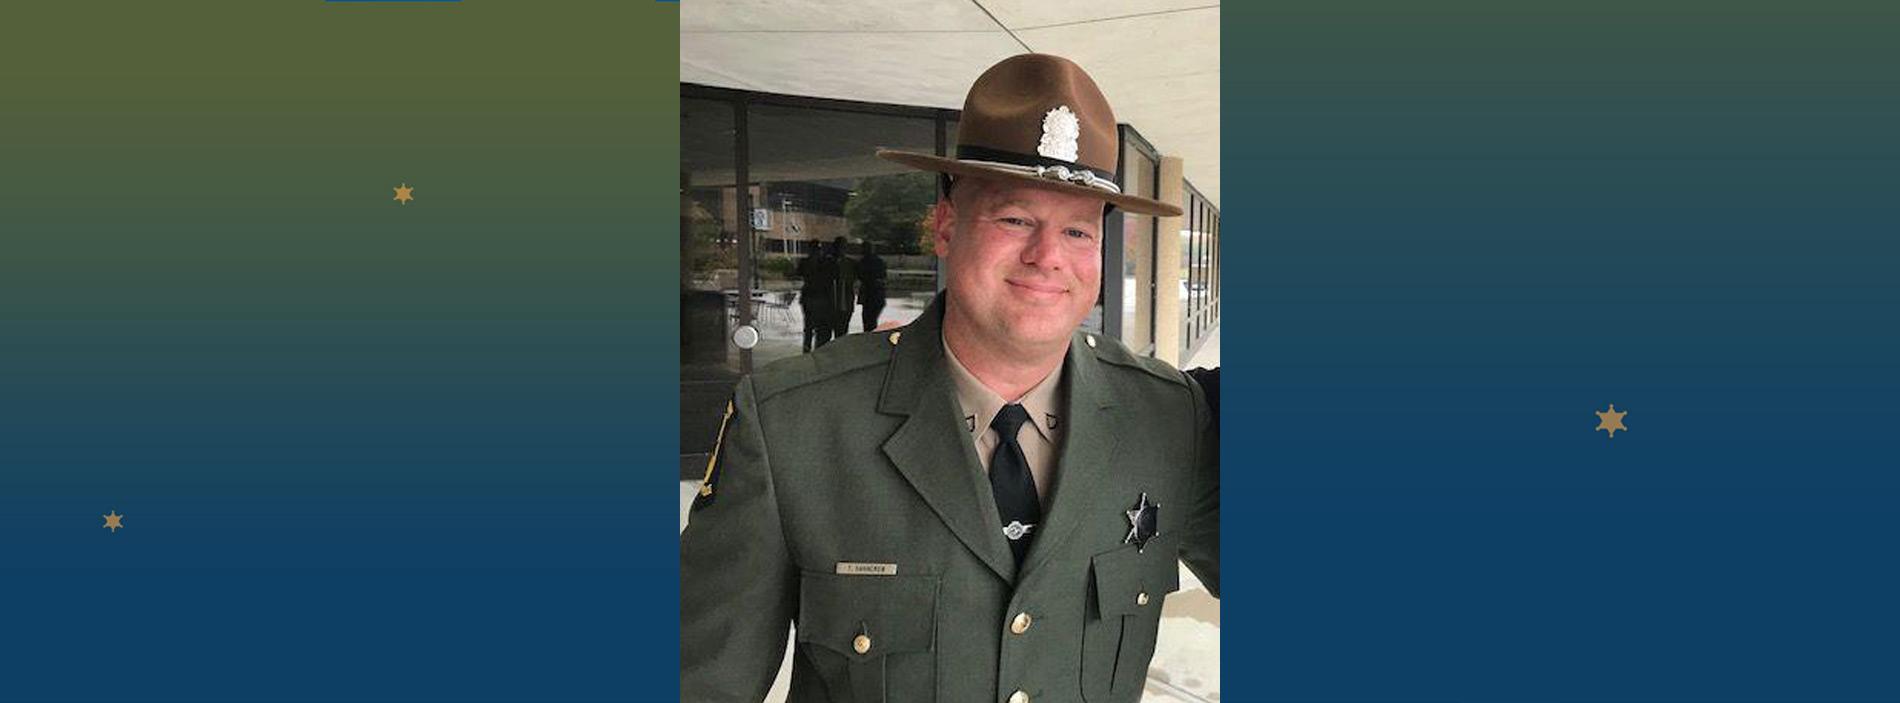 ISP Trooper Todd Hanneken